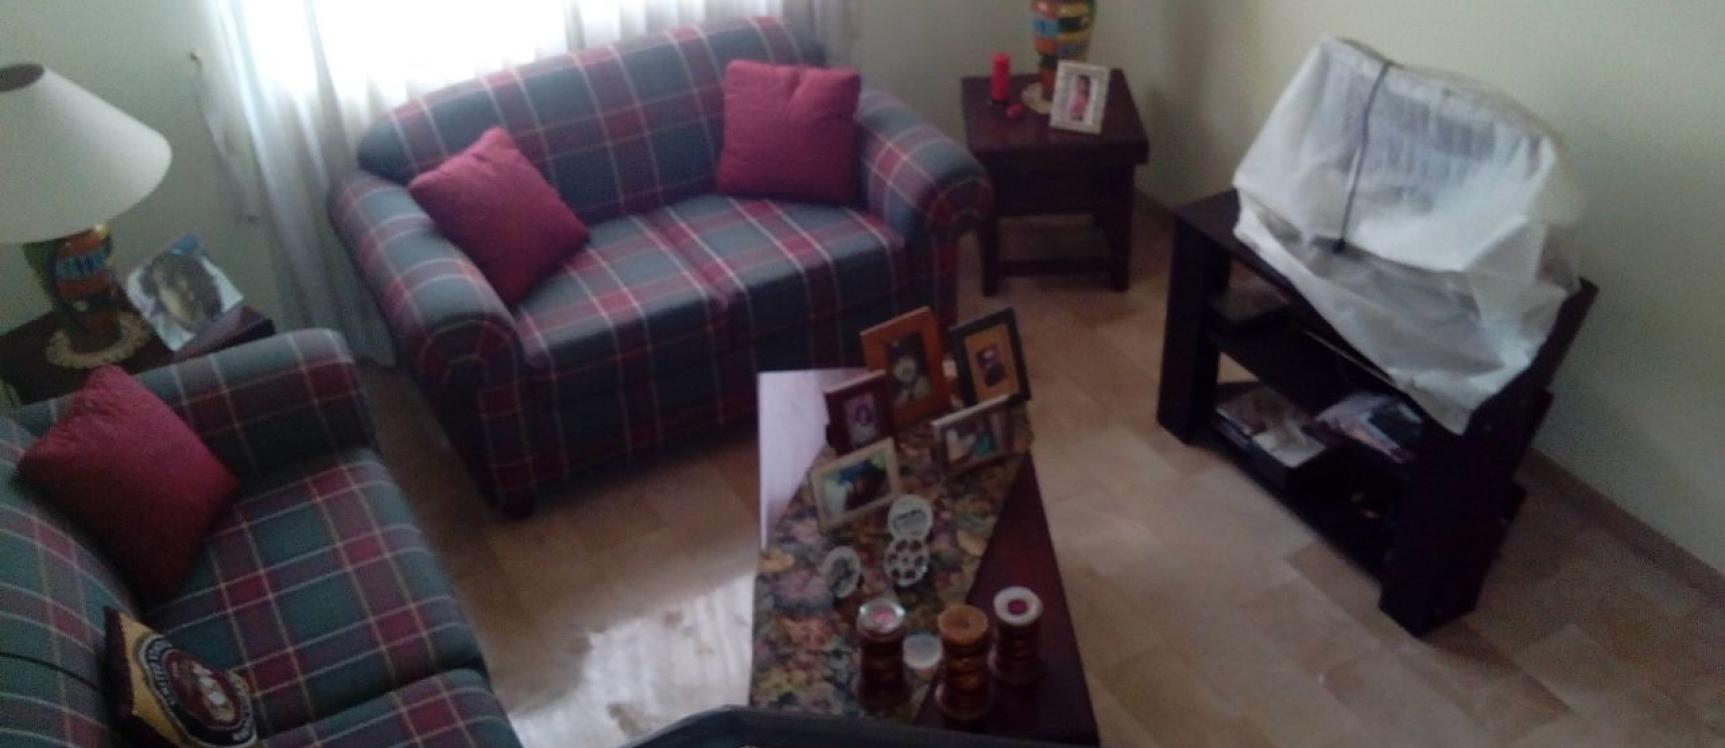 GeoBienes - Casa en venta en Plaza Madeira - Vía a Samborondon - Plusvalia Guayaquil Casas de venta y alquiler Inmobiliaria Ecuador